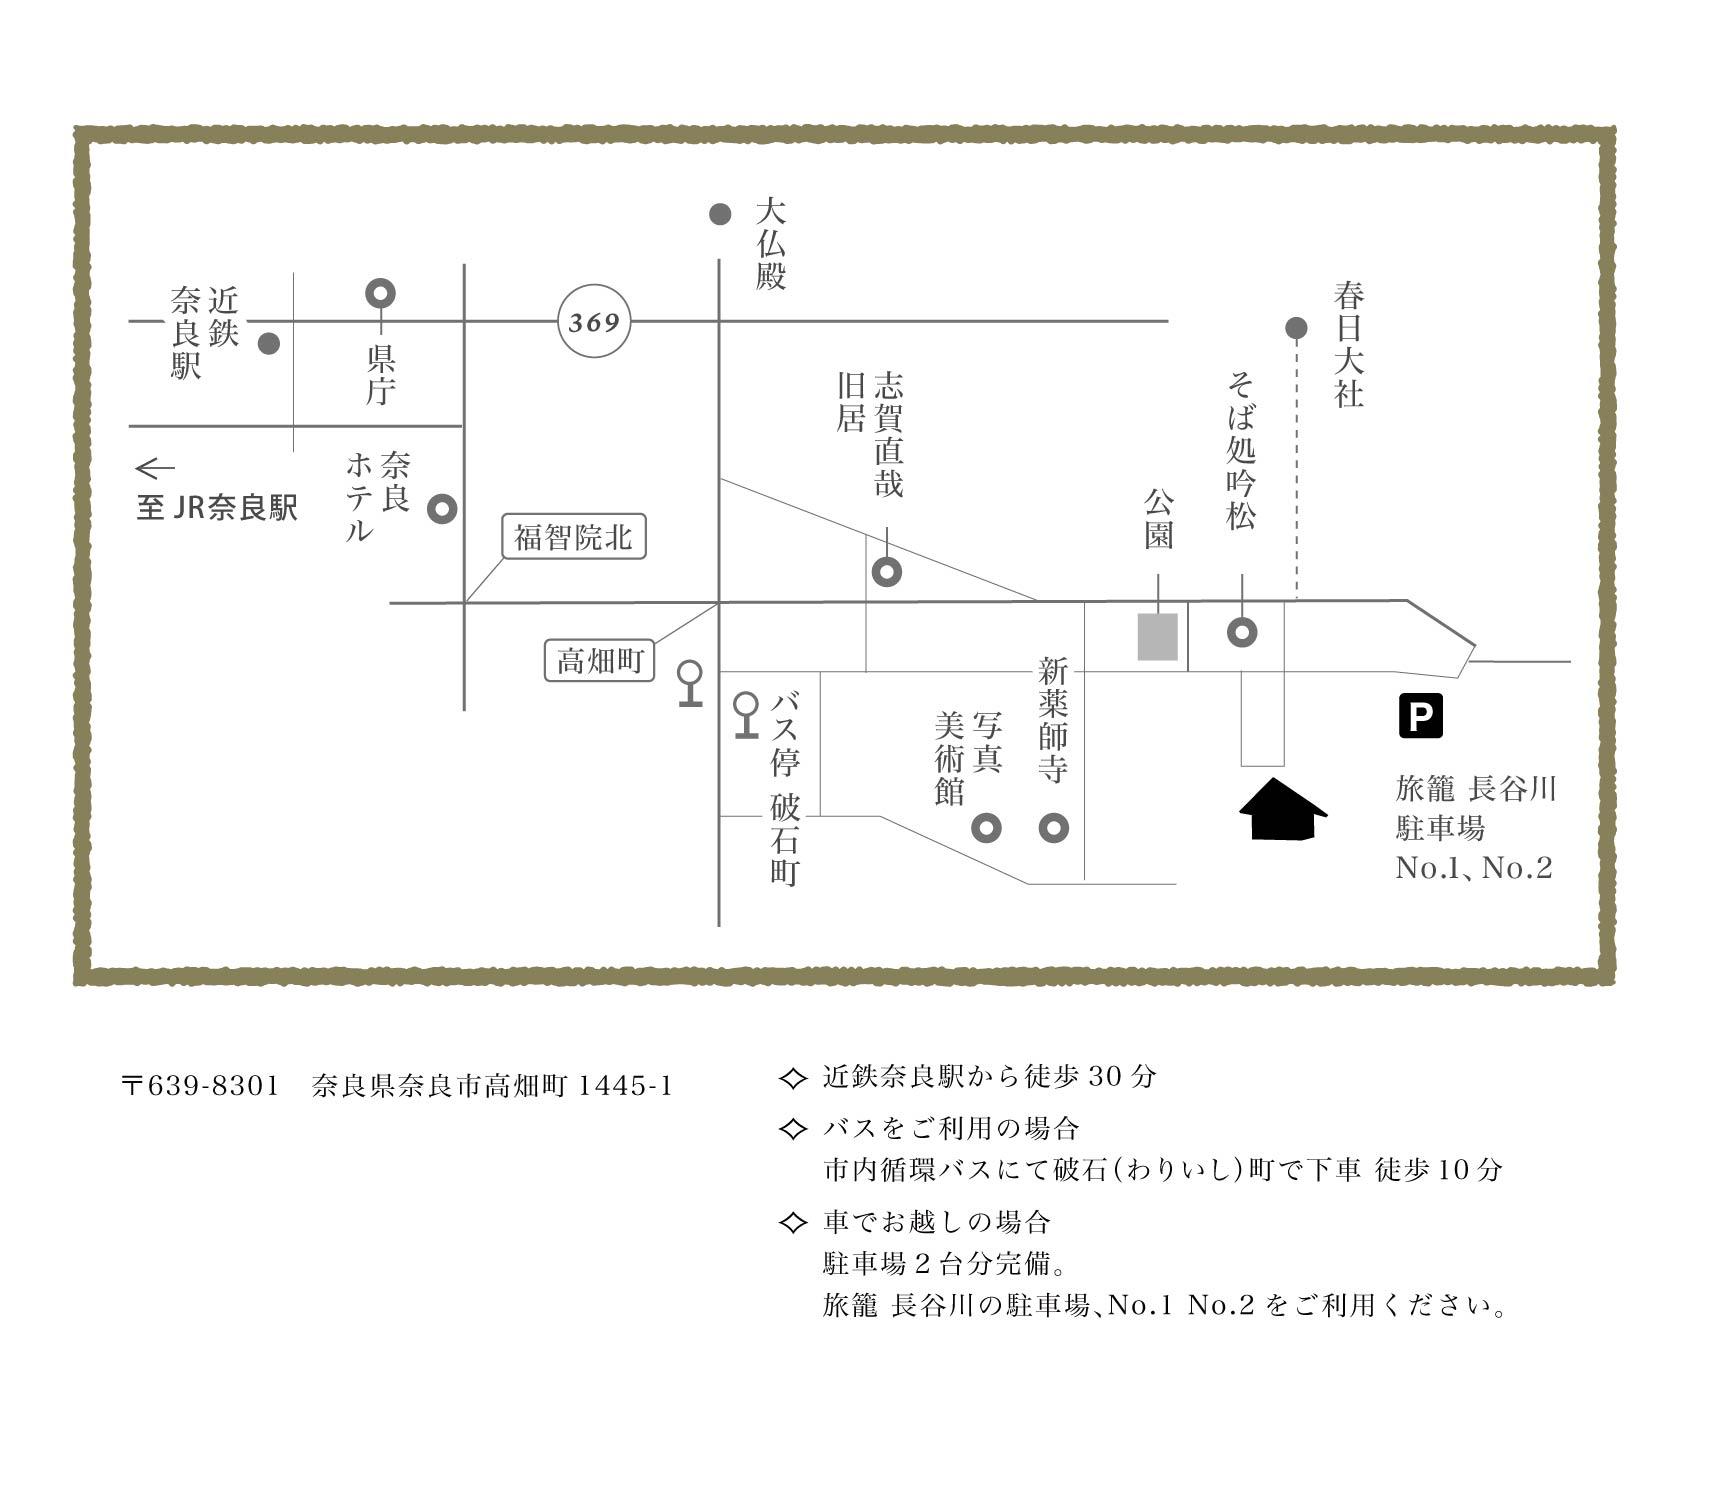 道しるべ_d0210537_2314895.jpg